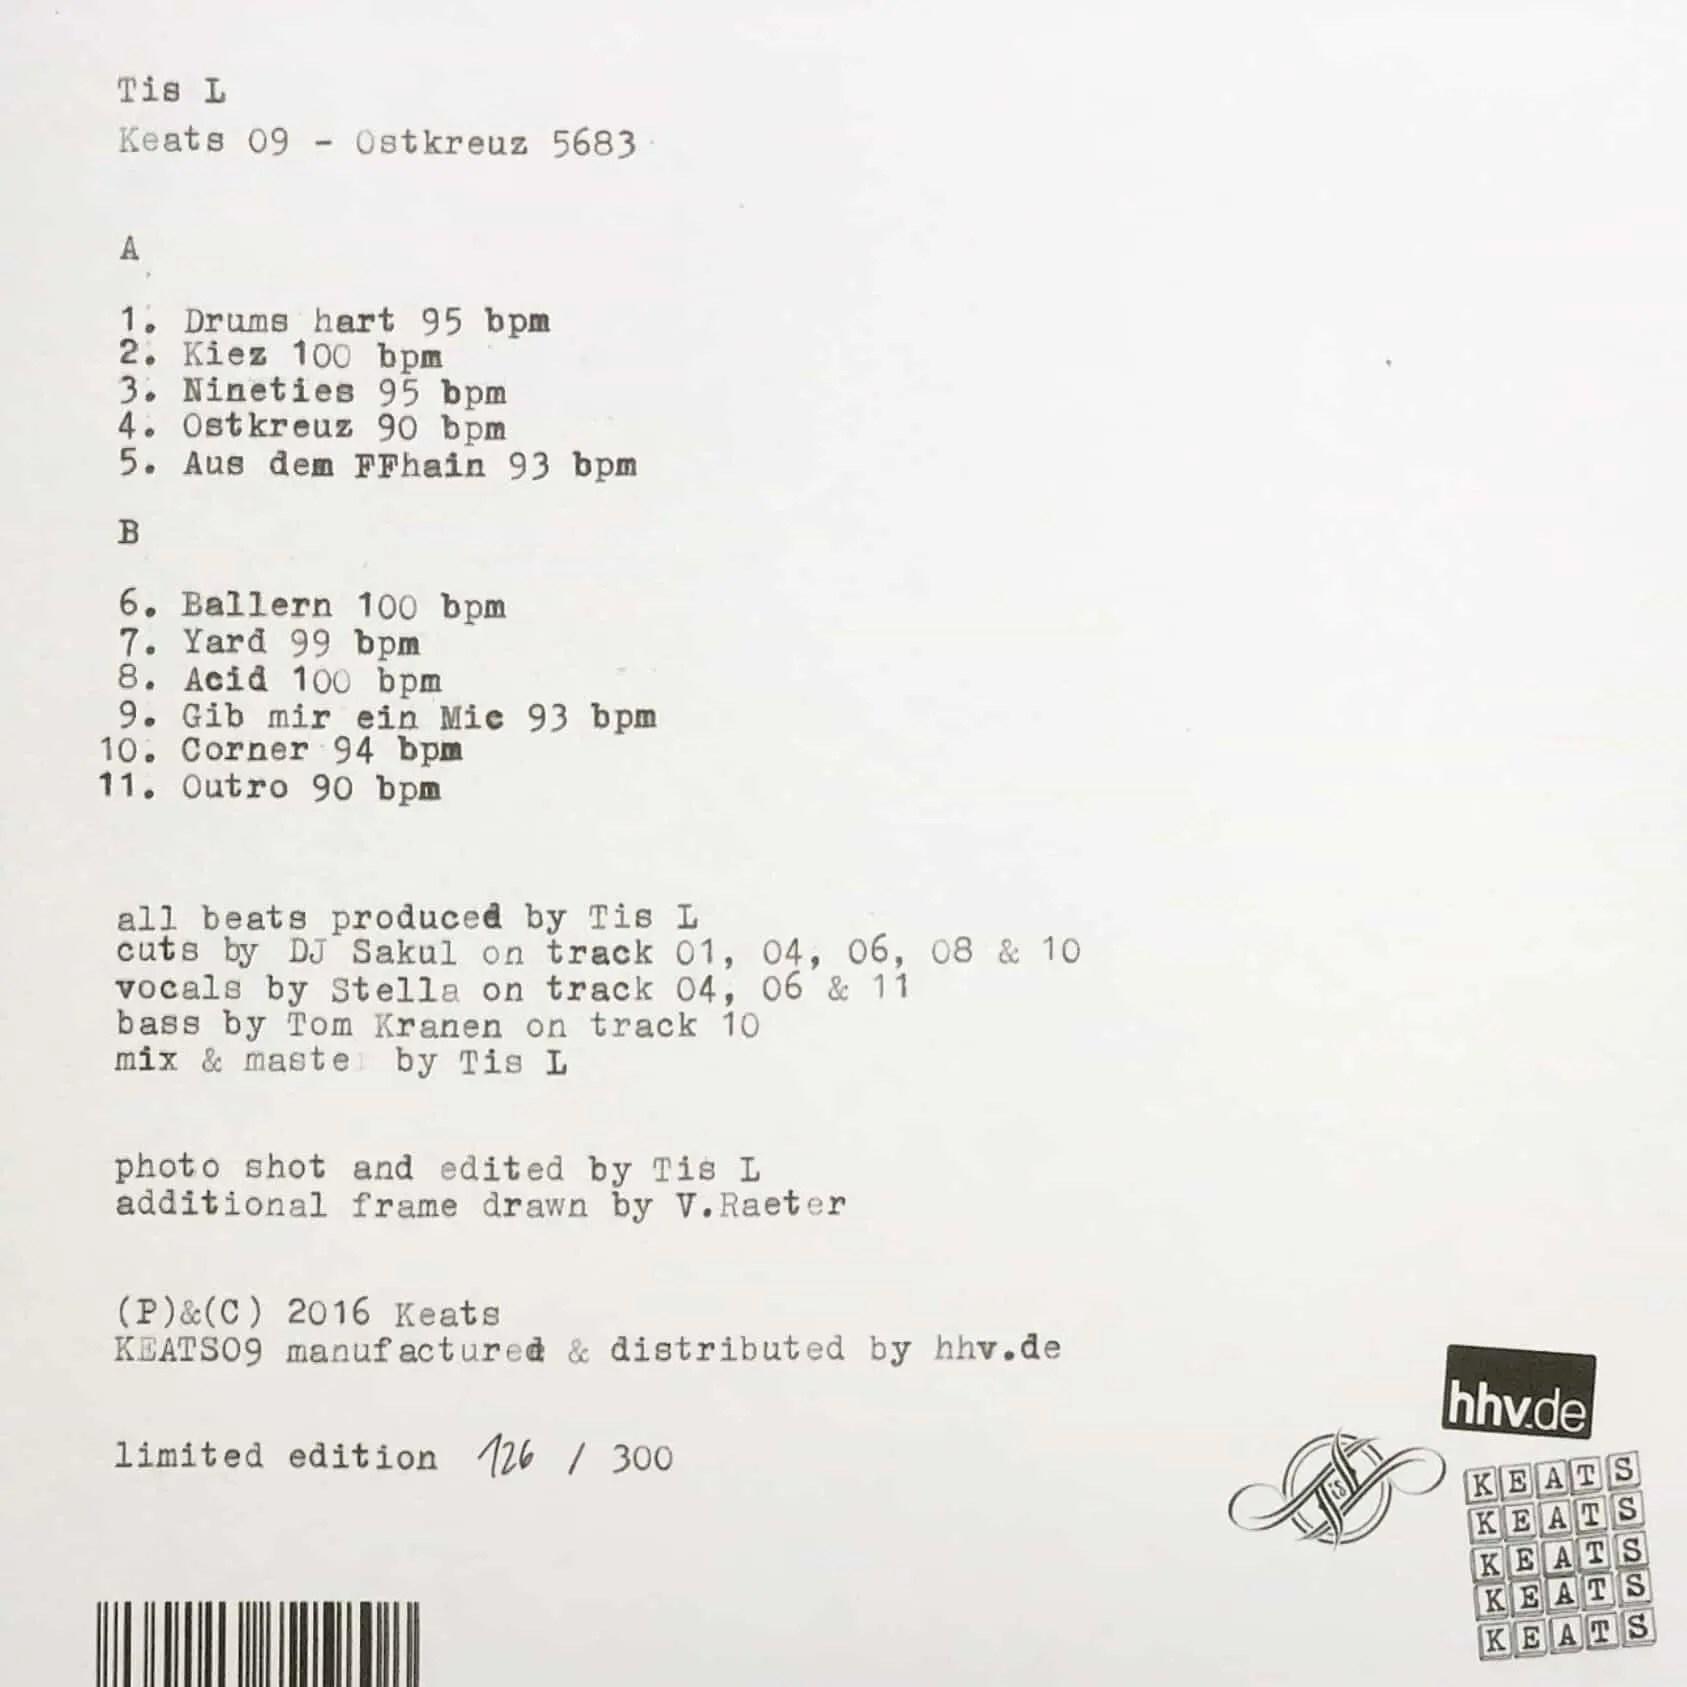 Tis L - Keats 09 - Ostkreuz 5683 - Vinyl Back